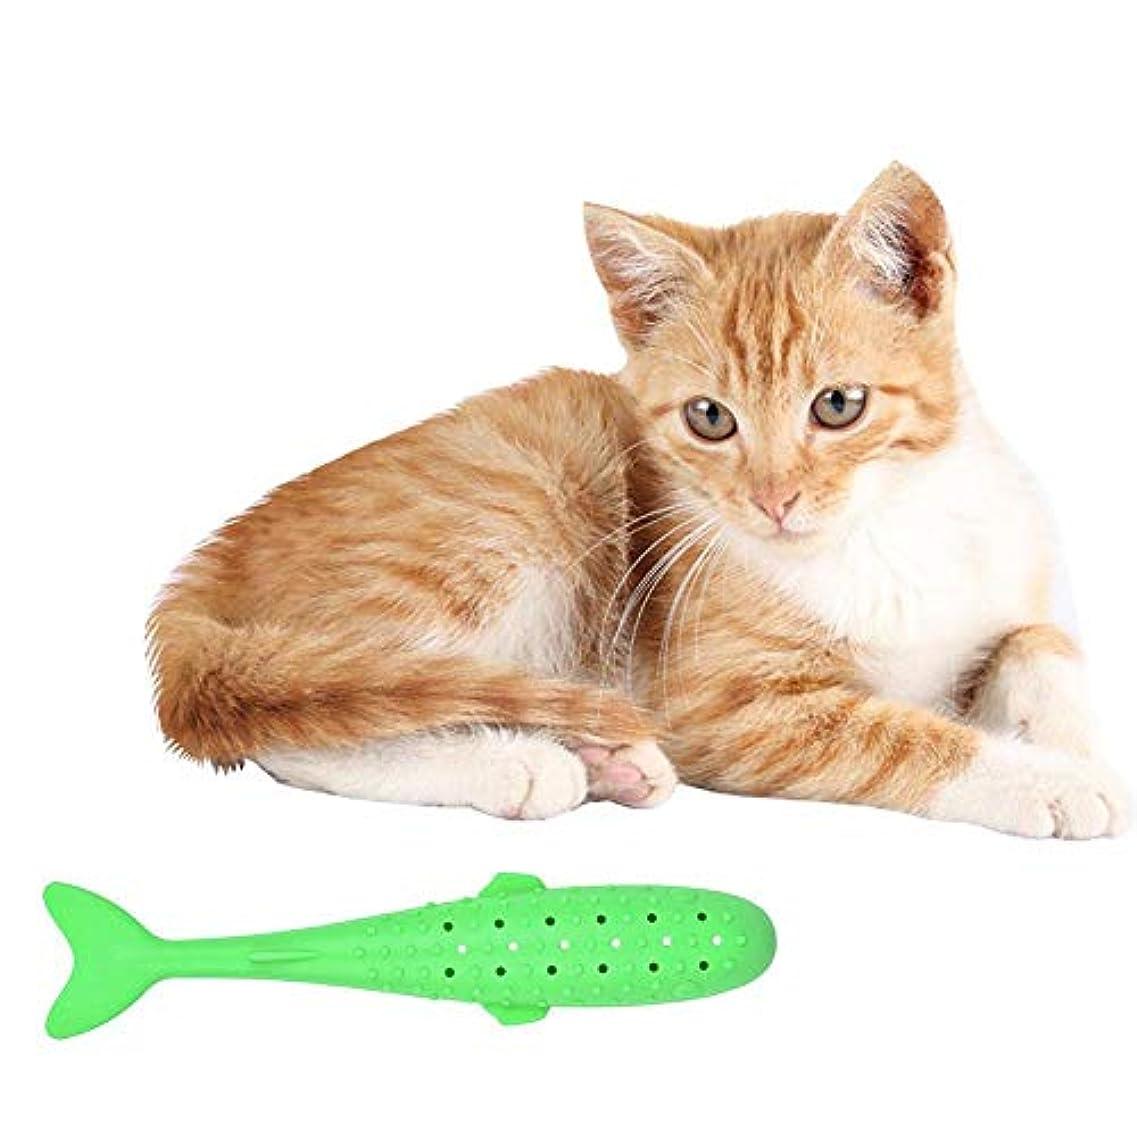 箱おめでとうタオルhipoten インタラクティブな魚の形の歯ブラシキャットニップシミュレーションシリコーン歯のクリーニングチューおもちゃペット用品